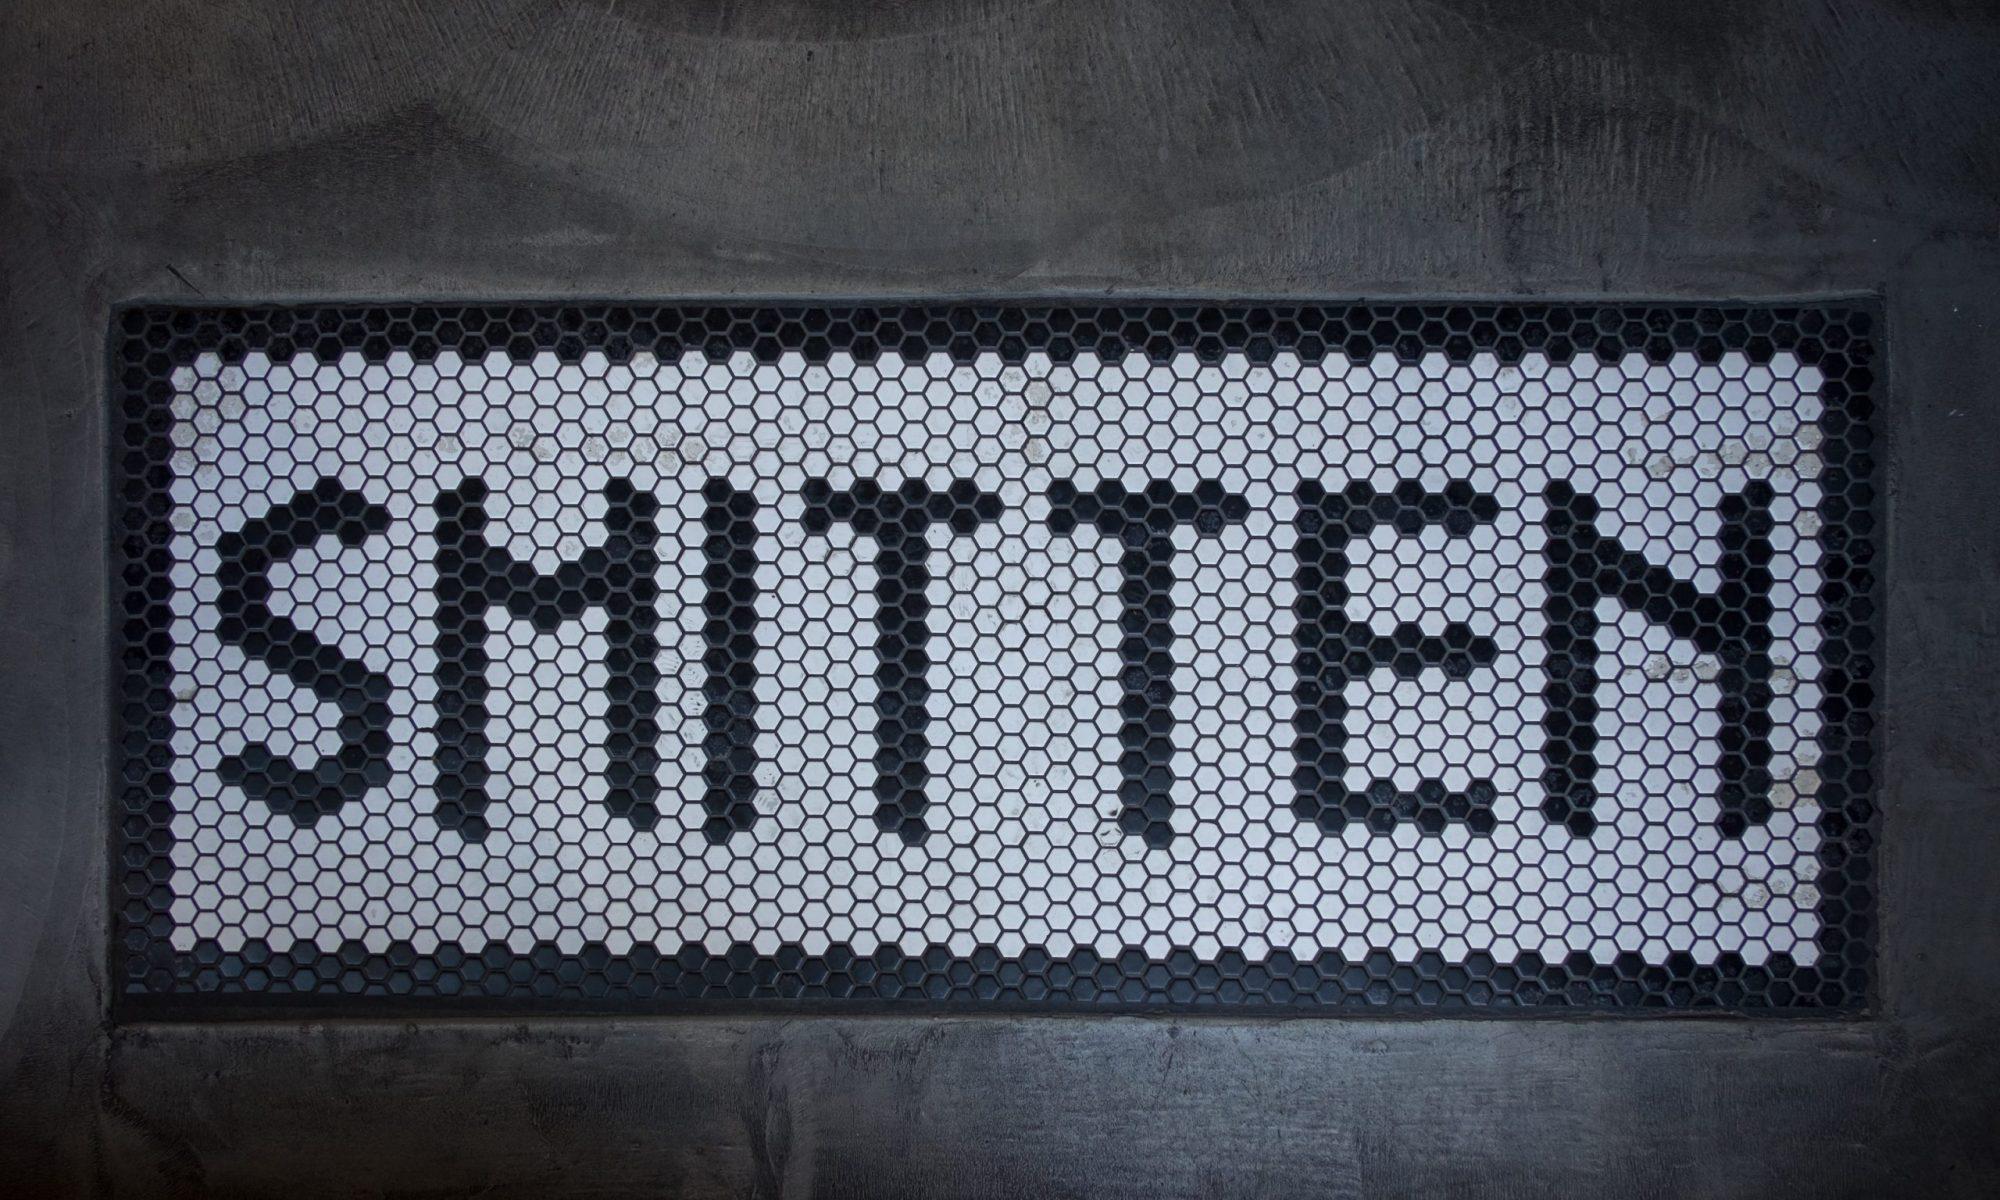 Smitten written in tiles